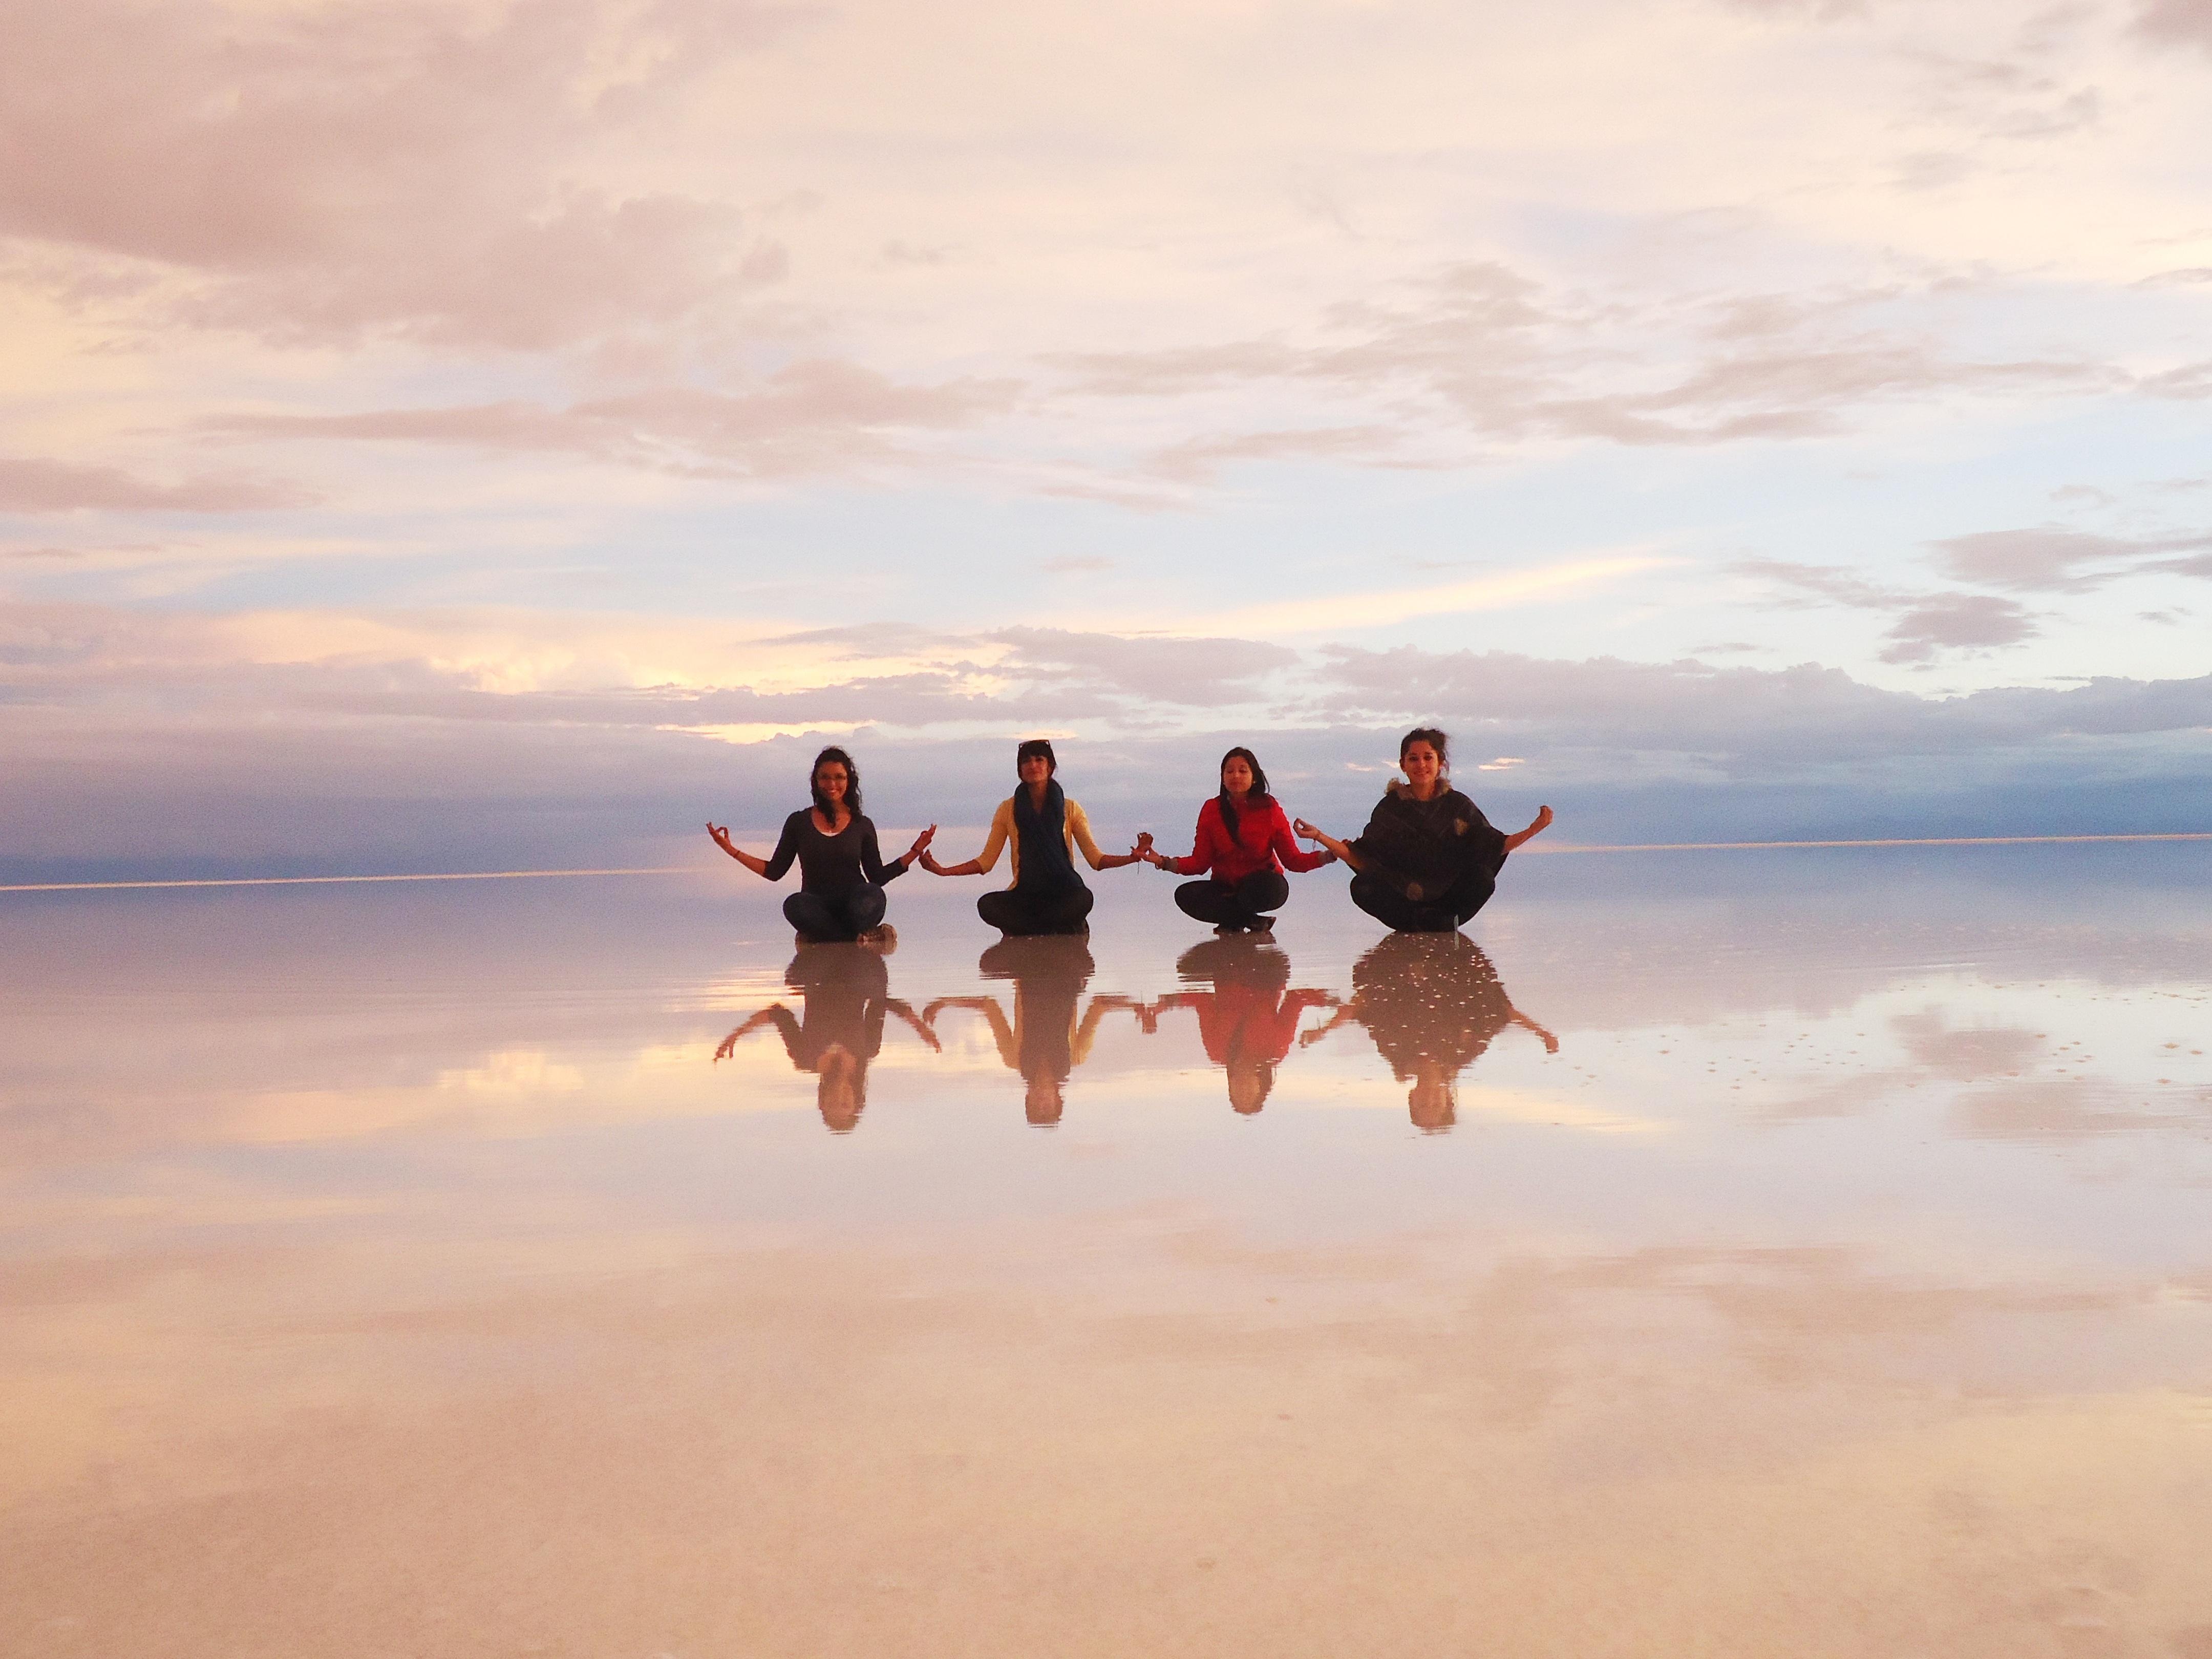 15-melhores-lugares-para-viajar-esse-ano-2018-bolivia 15 melhores lugares para viajar esse ano 2018